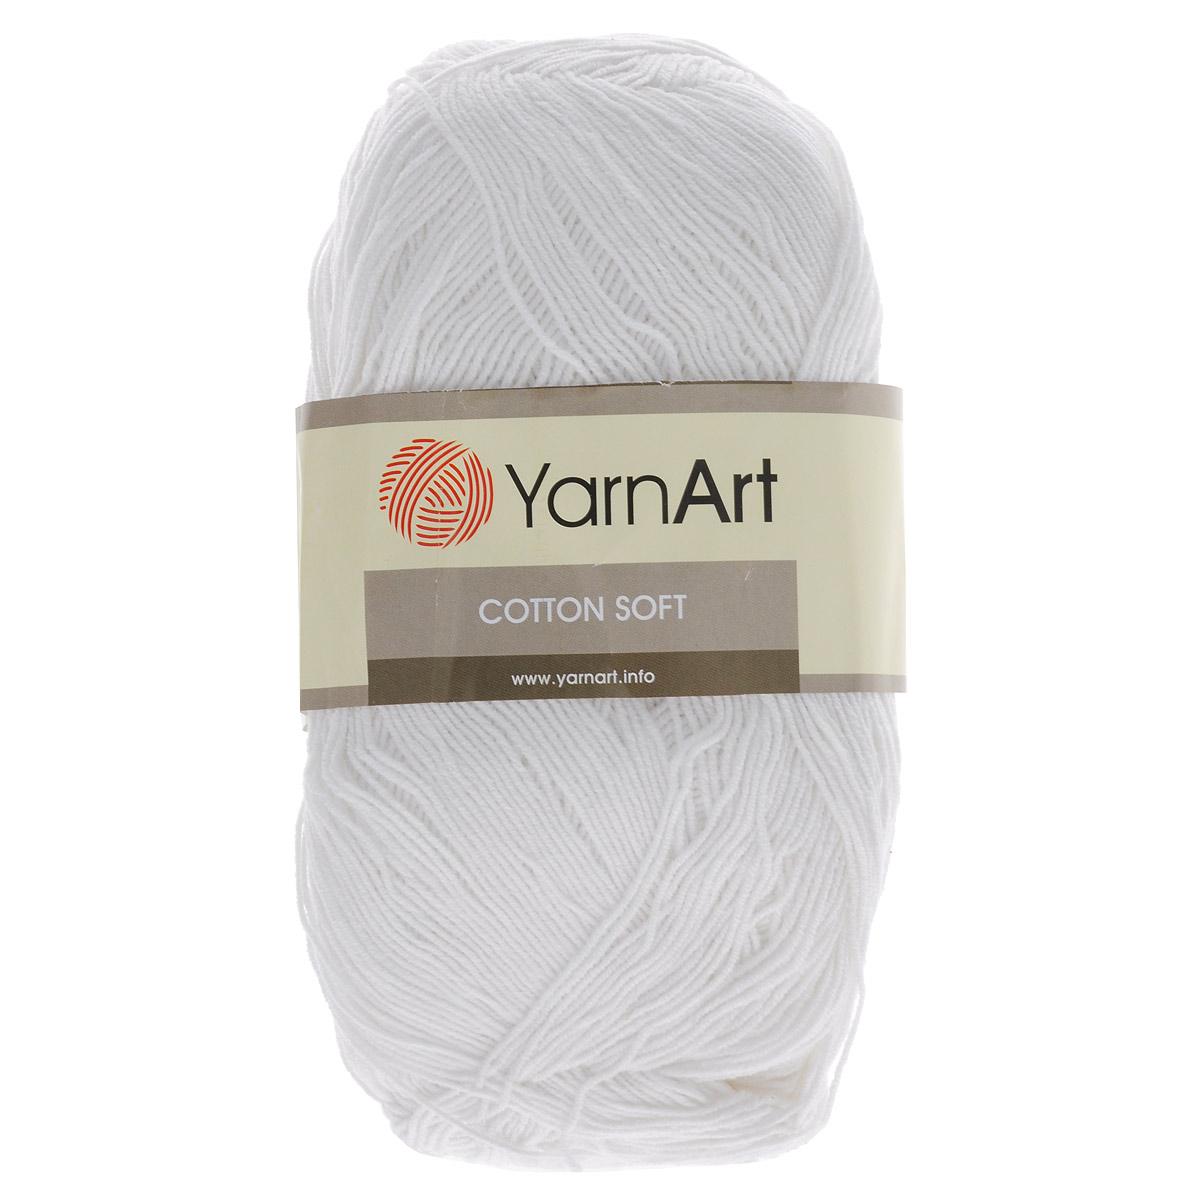 Пряжа для вязания YarnArt Cotton Soft, цвет: белый (01), 600 м, 100 г, 5 шт372071_01Пряжа для вязания YarnArt Cotton Soft изготовлена из хлопка и полиакрила. Эта универсальная пряжа подходит для вязания крючком и спицами, а также для машинного вязания. Нить ровная, тонкая, не линяет и не выгорает. Прекрасно подойдет для создания водолазок, платьев, юбок, шалей, а также детских вещей. Изделия из этой пряжи получаются мягкие, очень легкие, износостойкие. Цветовая гамма пряжи очень богатая, вы можете пополнить свой гардероб изделиями из неё на любой сезон: джемпером, жакетом, свитером и другими полезными и оригинальными вещами, которые прослужат вам и вашим близким очень долго и не создадут трудностей в уходе за ними. Рекомендованные спицы и крючок 2,5 мм. Состав: 55% хлопок, 45% полиакрил.